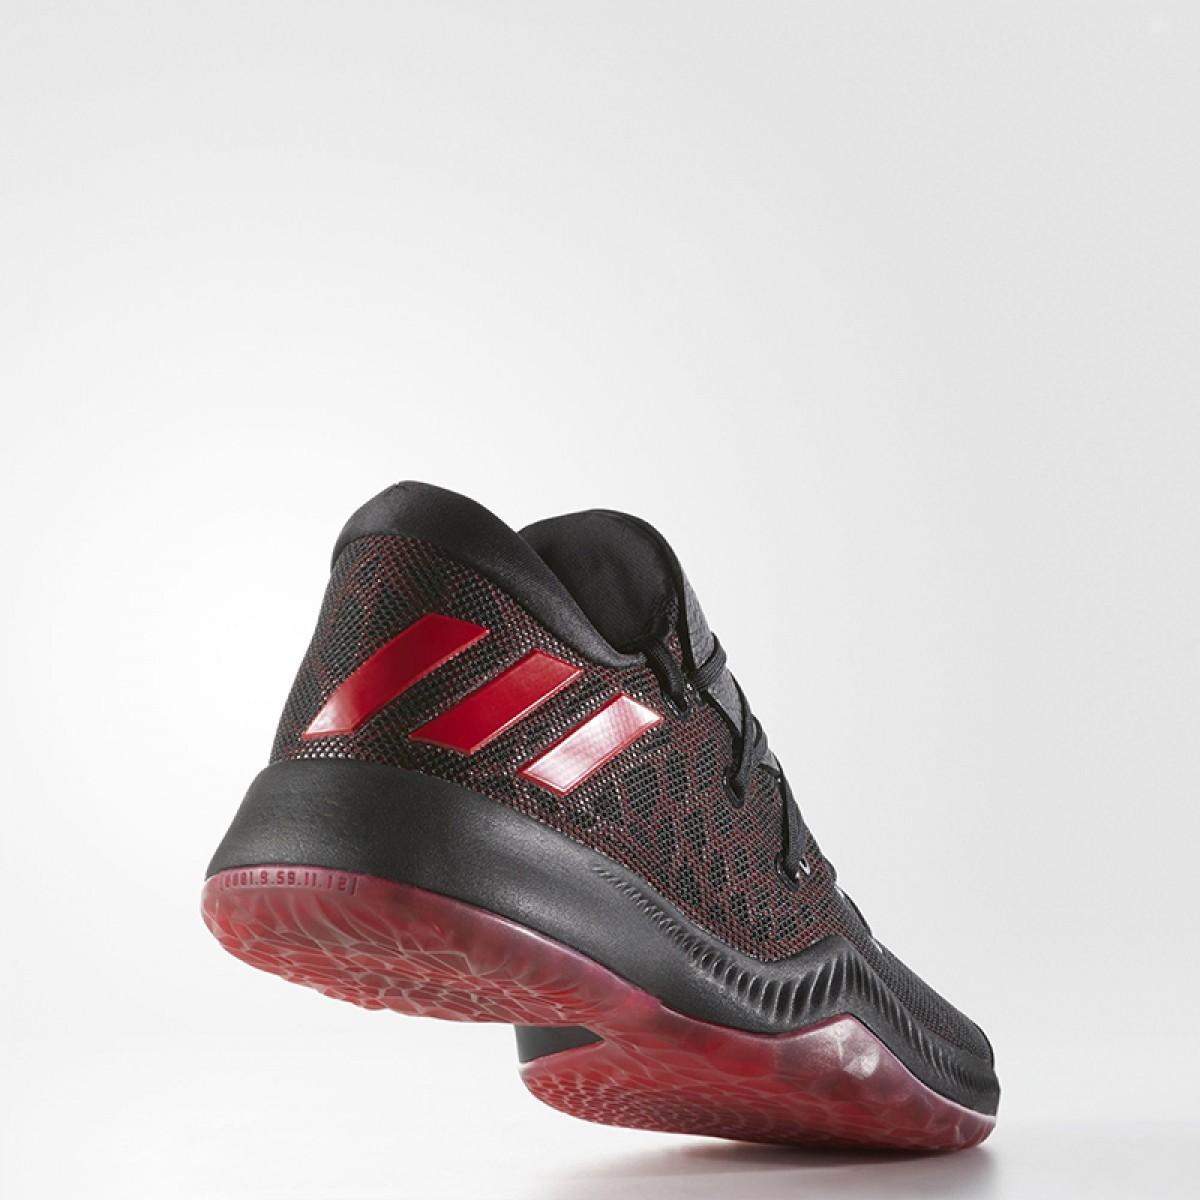 Adidas Harden B/E 'Bred' CG4194